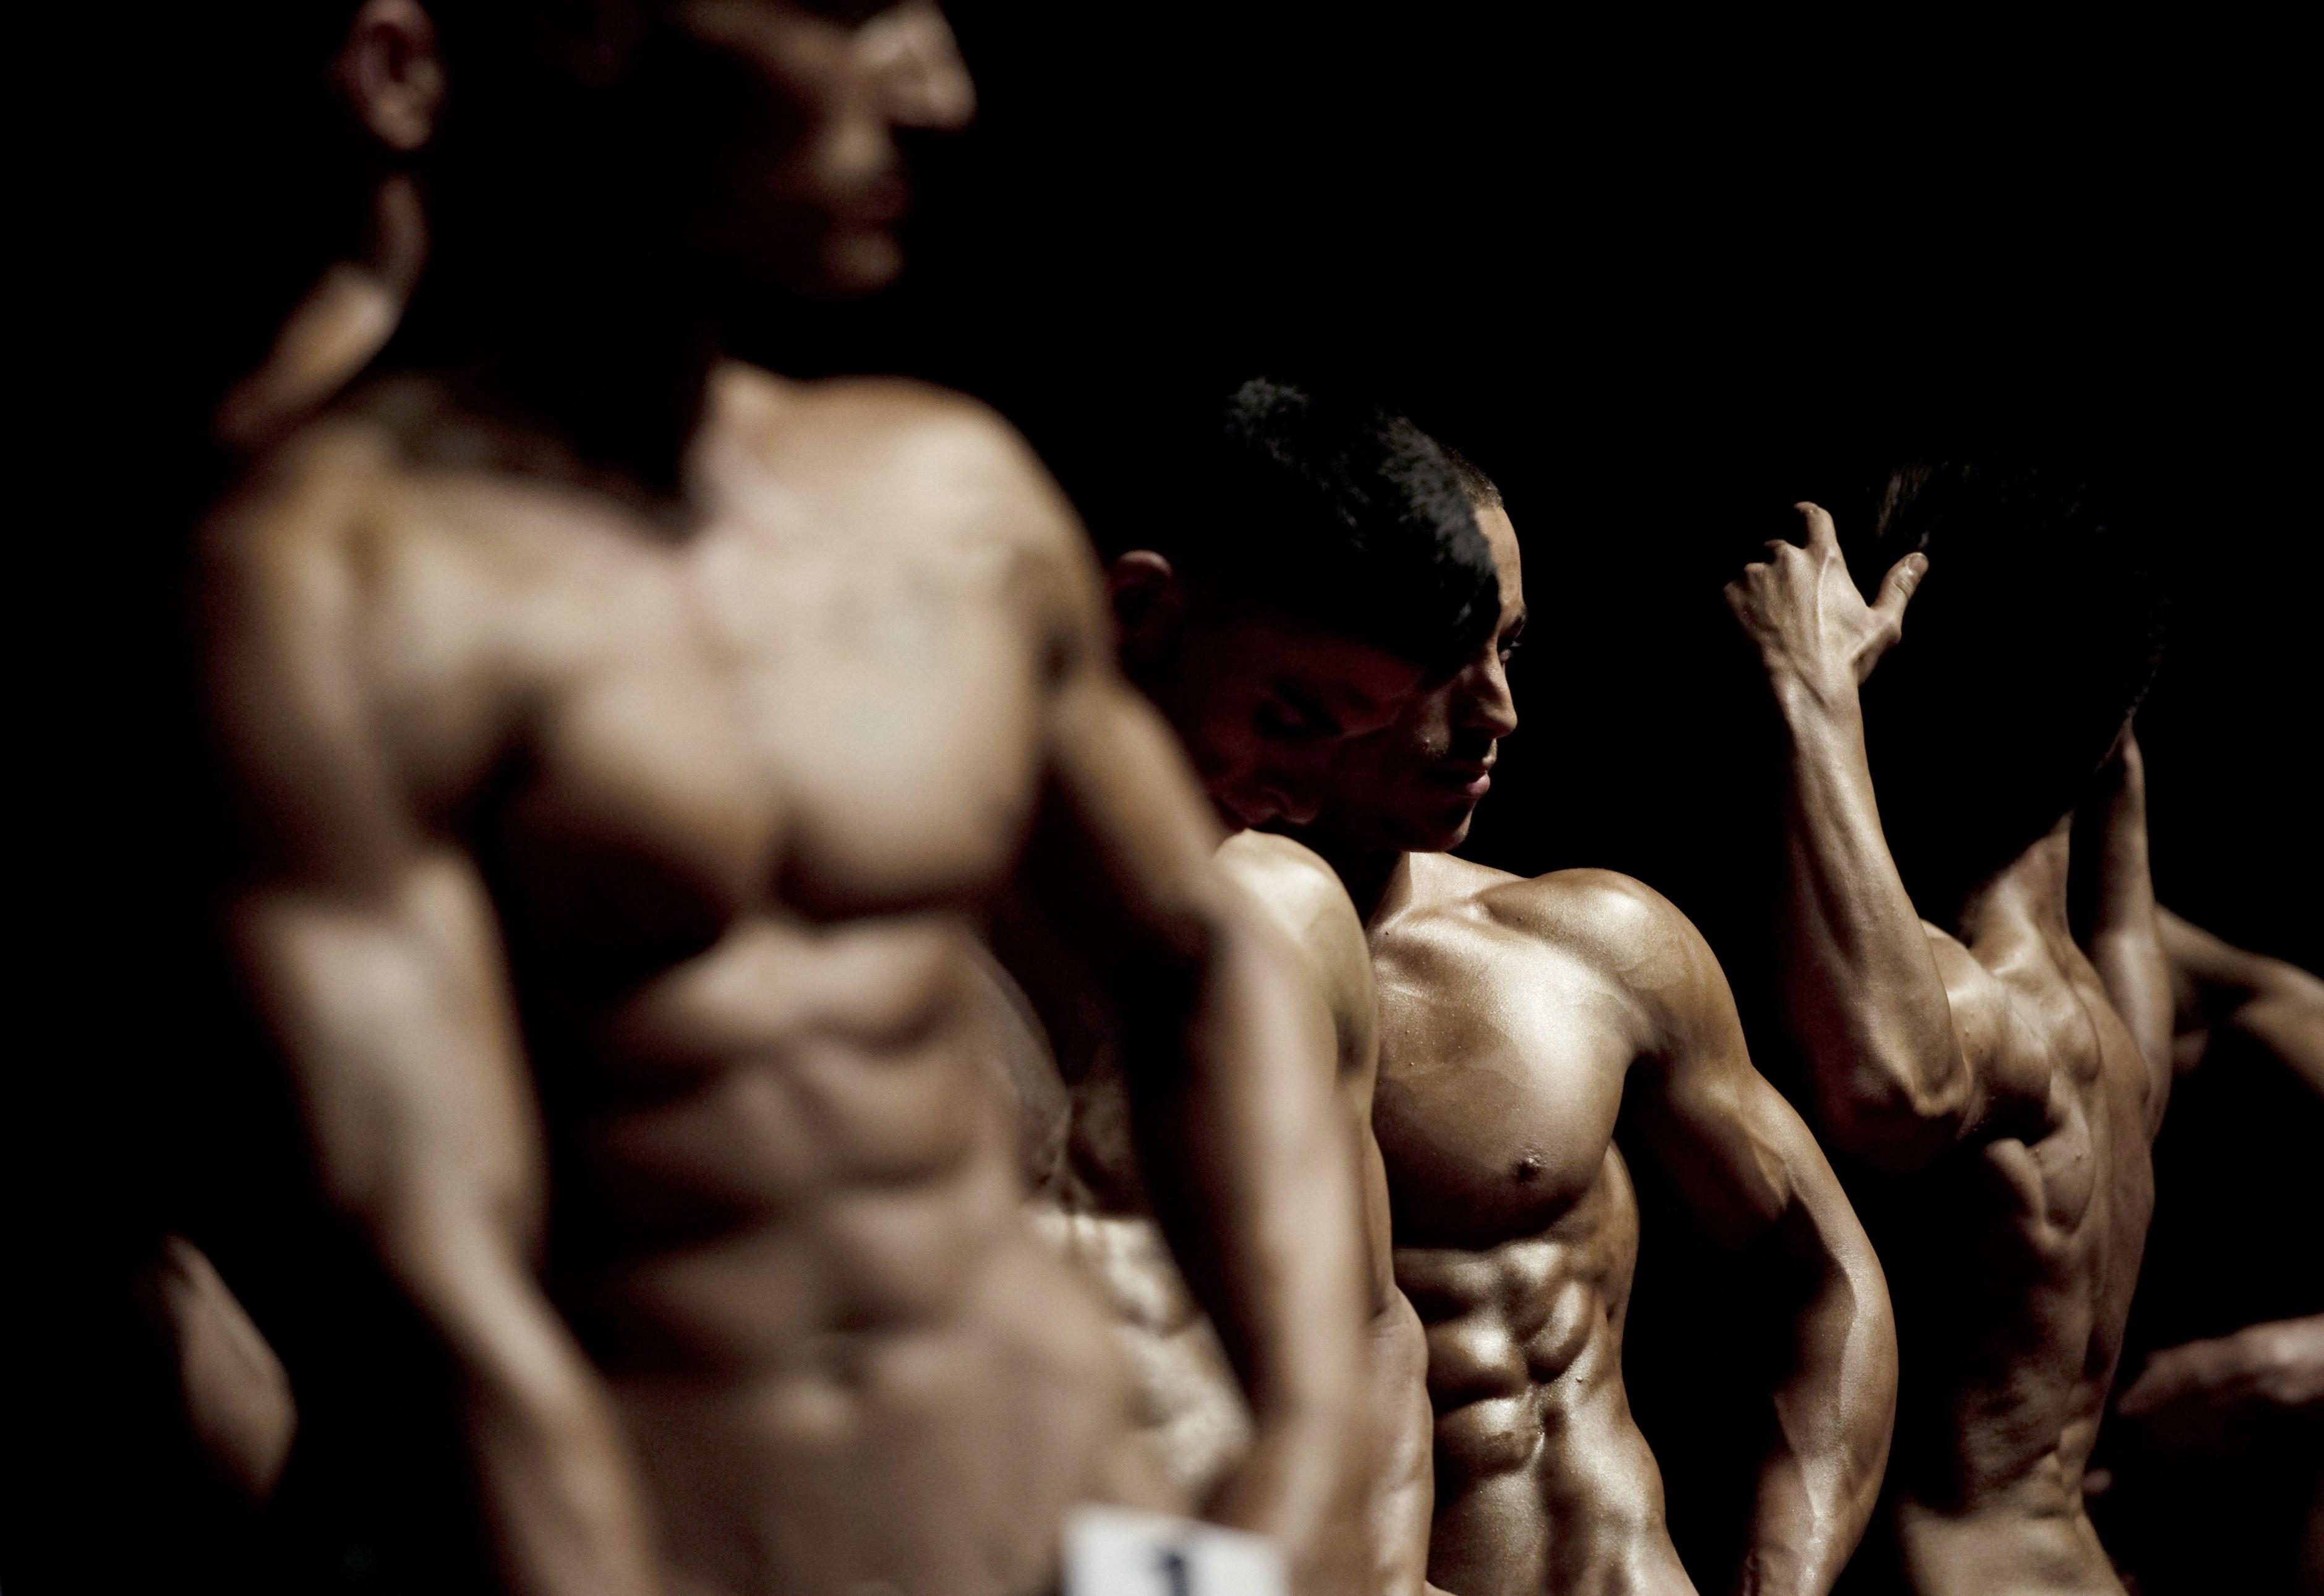 Soldi e muscoli non servono per conquistare una donna